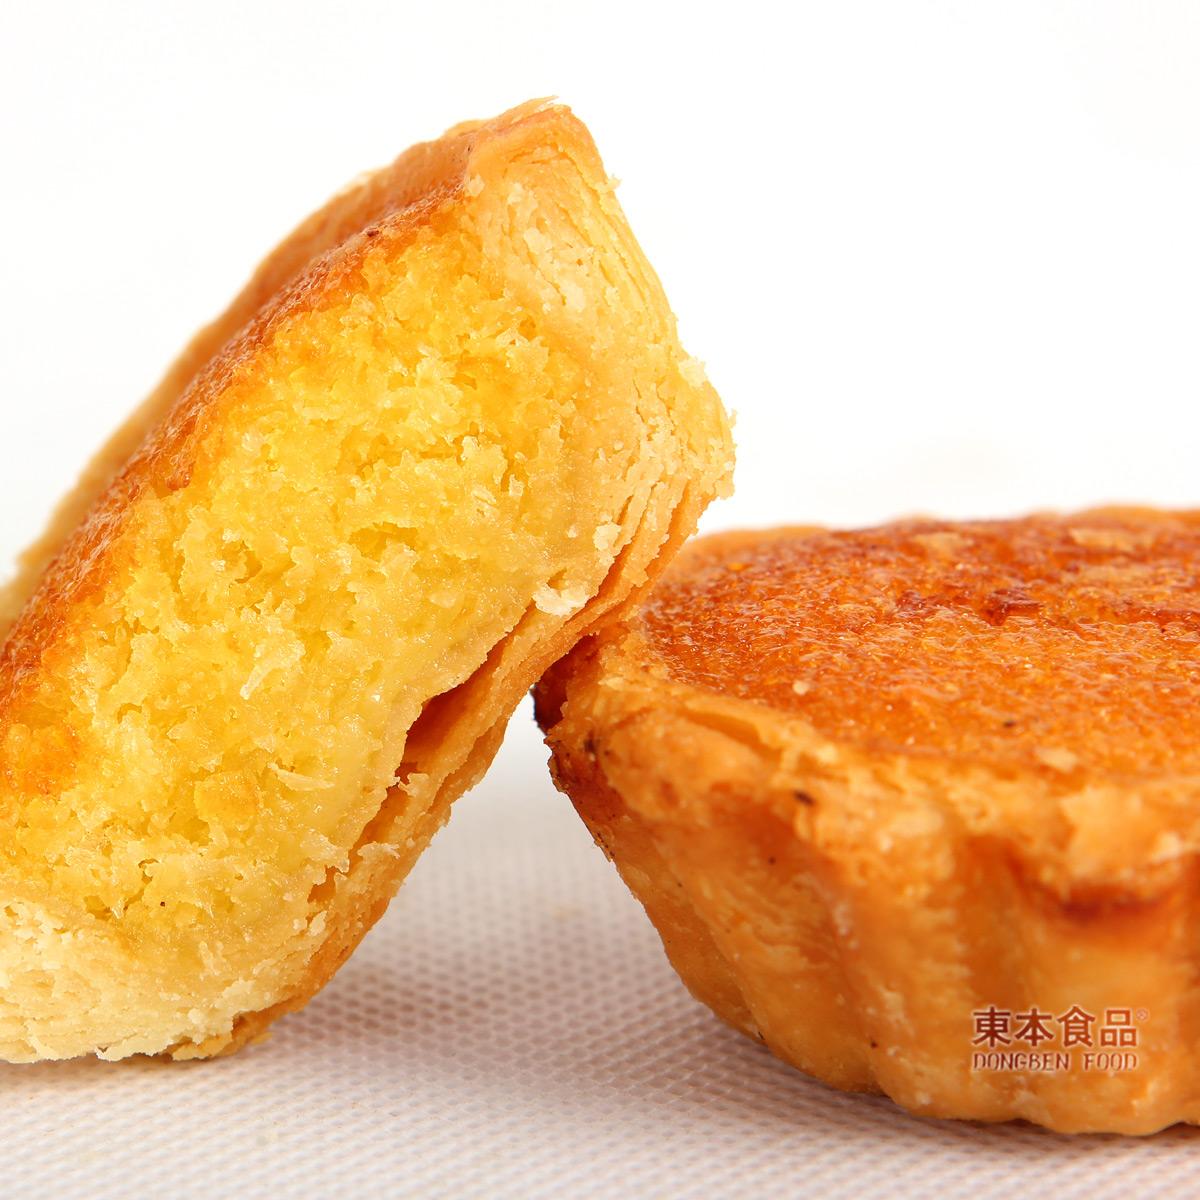 厦门馆鼓浪屿椰子饼_日光岩椰子饼_上好仁真椰子饼_ 鼓浪屿特产椰子饼 - 下午,发现喜欢